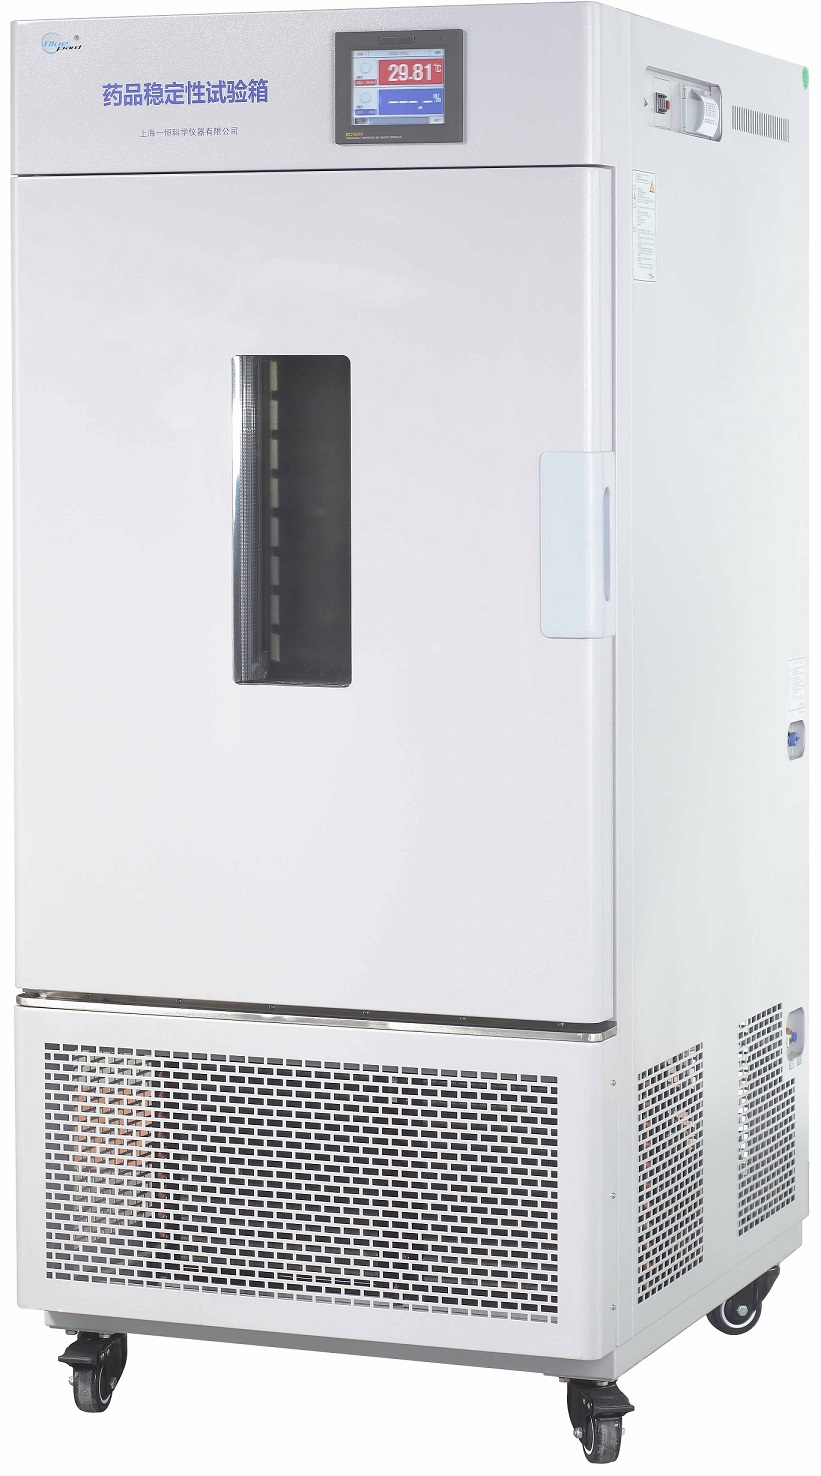 上海一恒LHH-250GSD LHH-250GSP综合药品稳定性试验箱